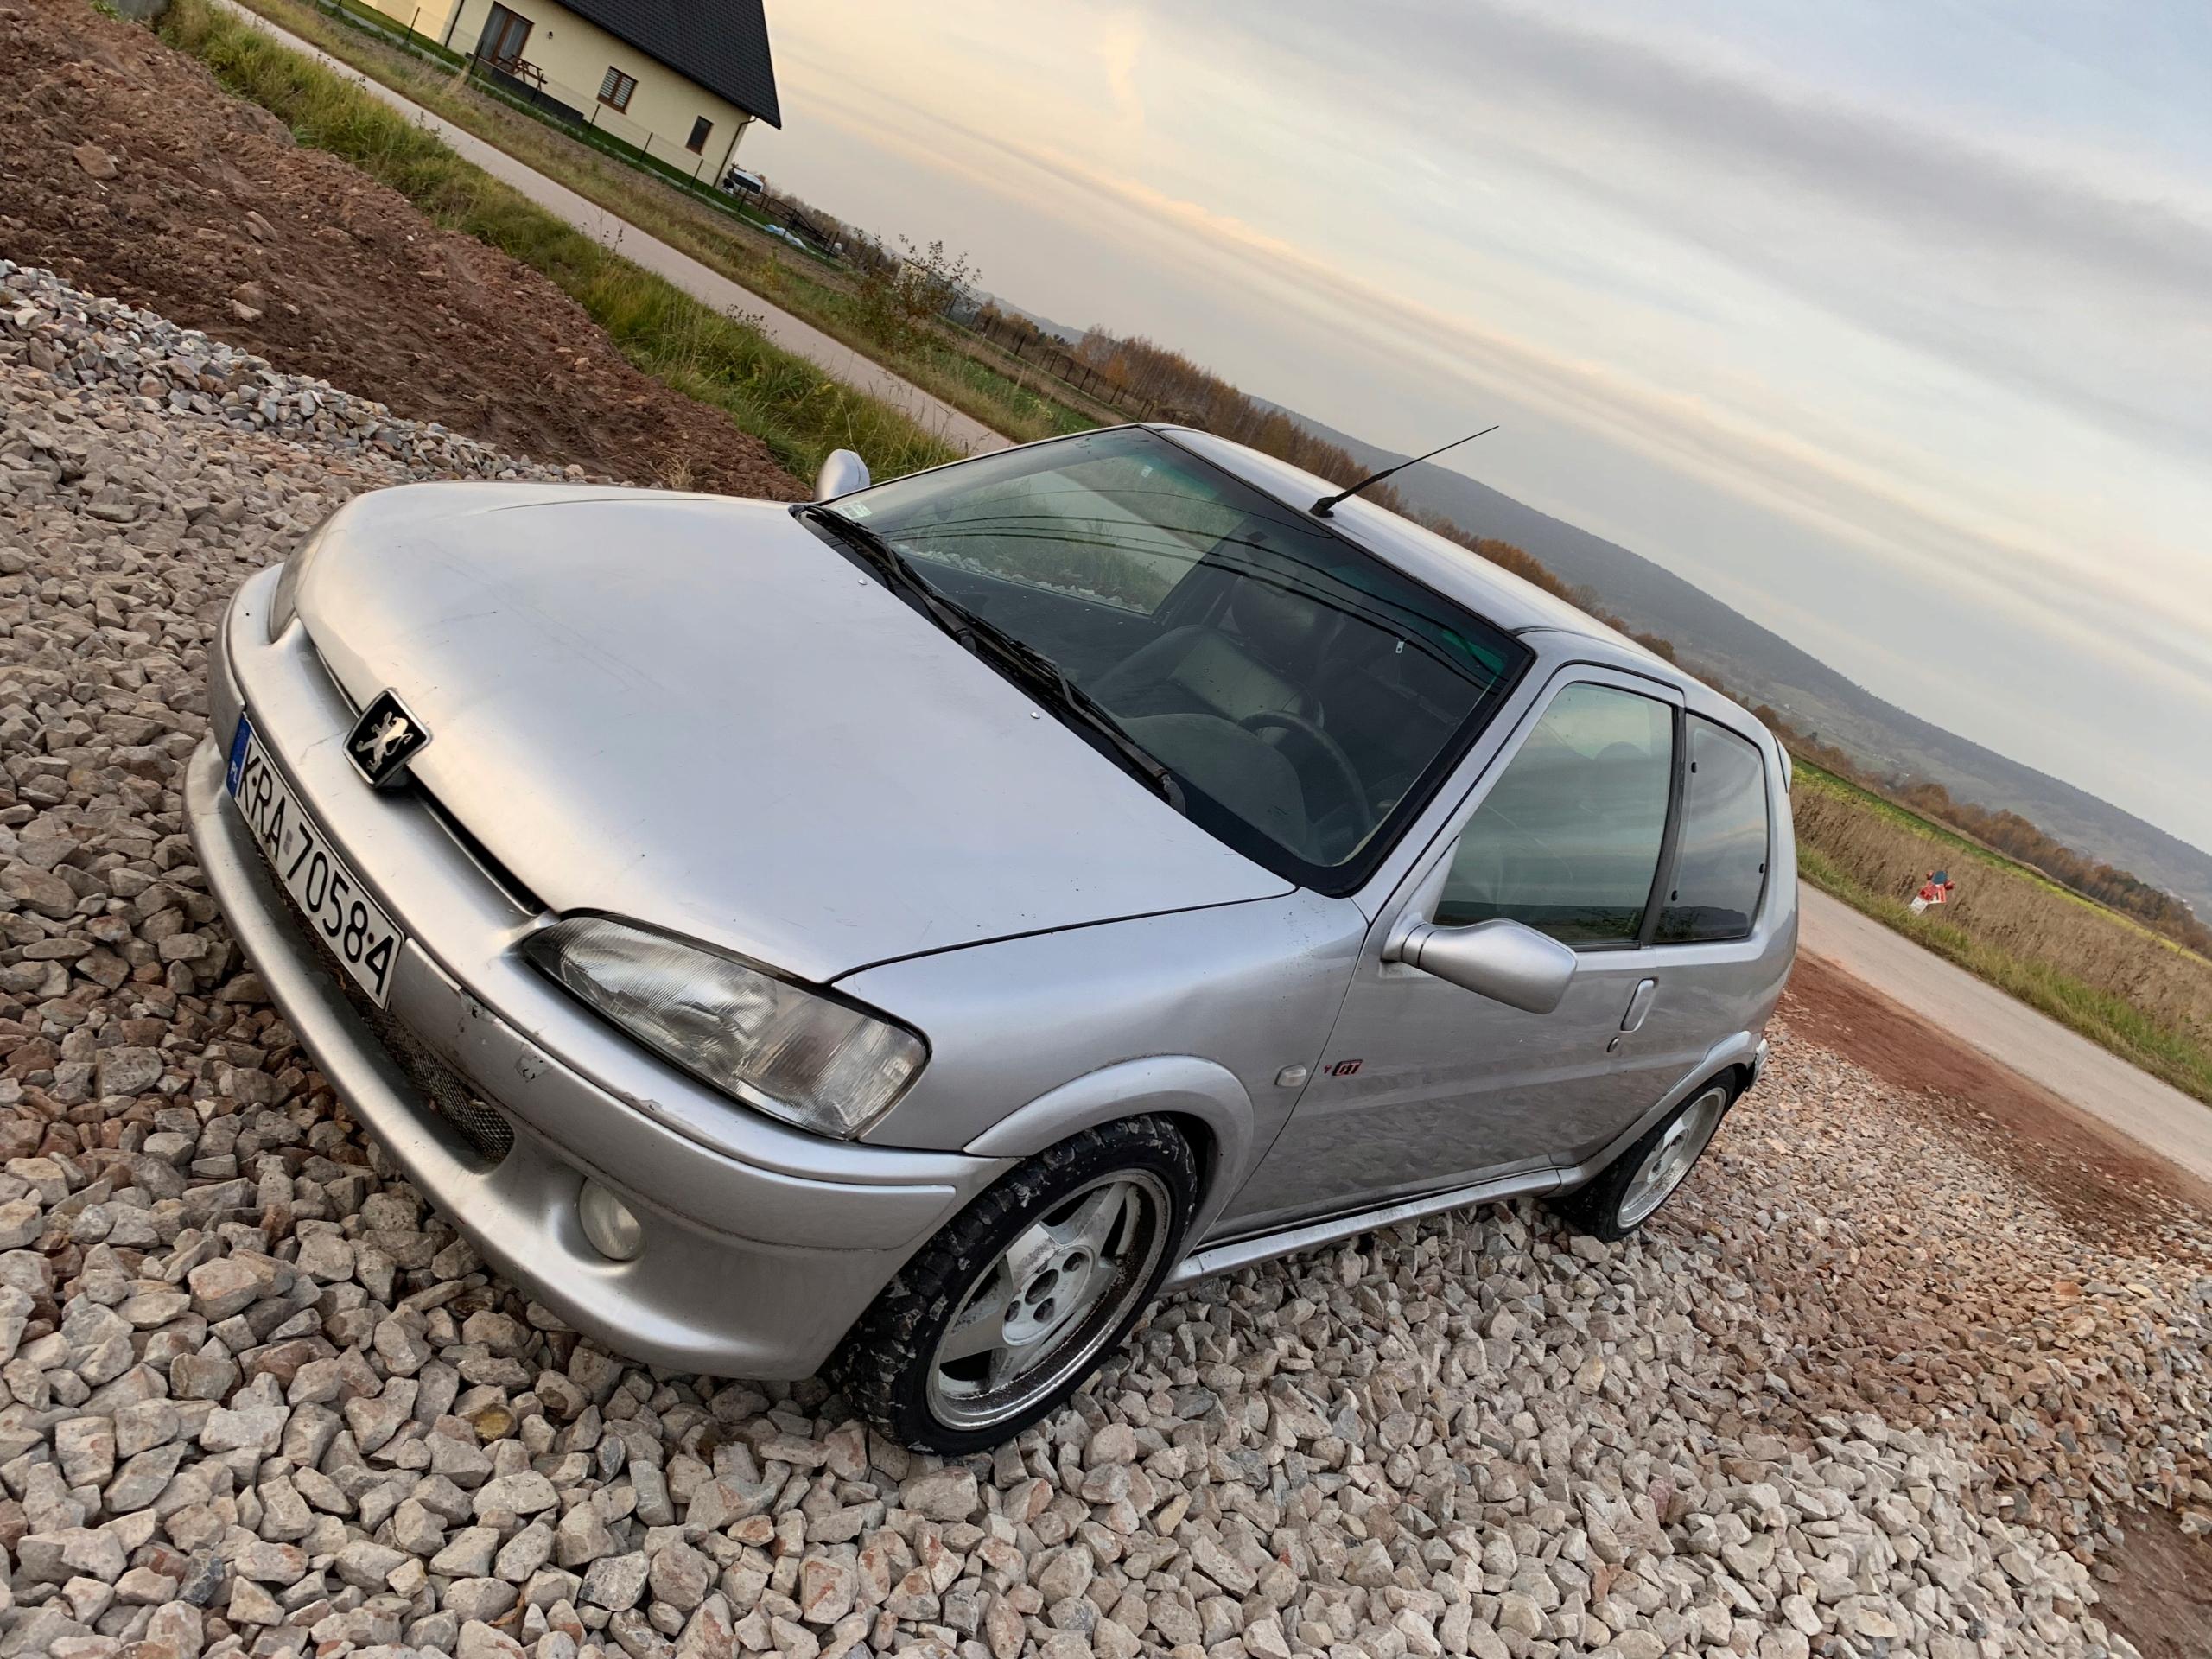 Peugeot 106 gti s16 1.6 16v nfx tu5j4s Swap kjs